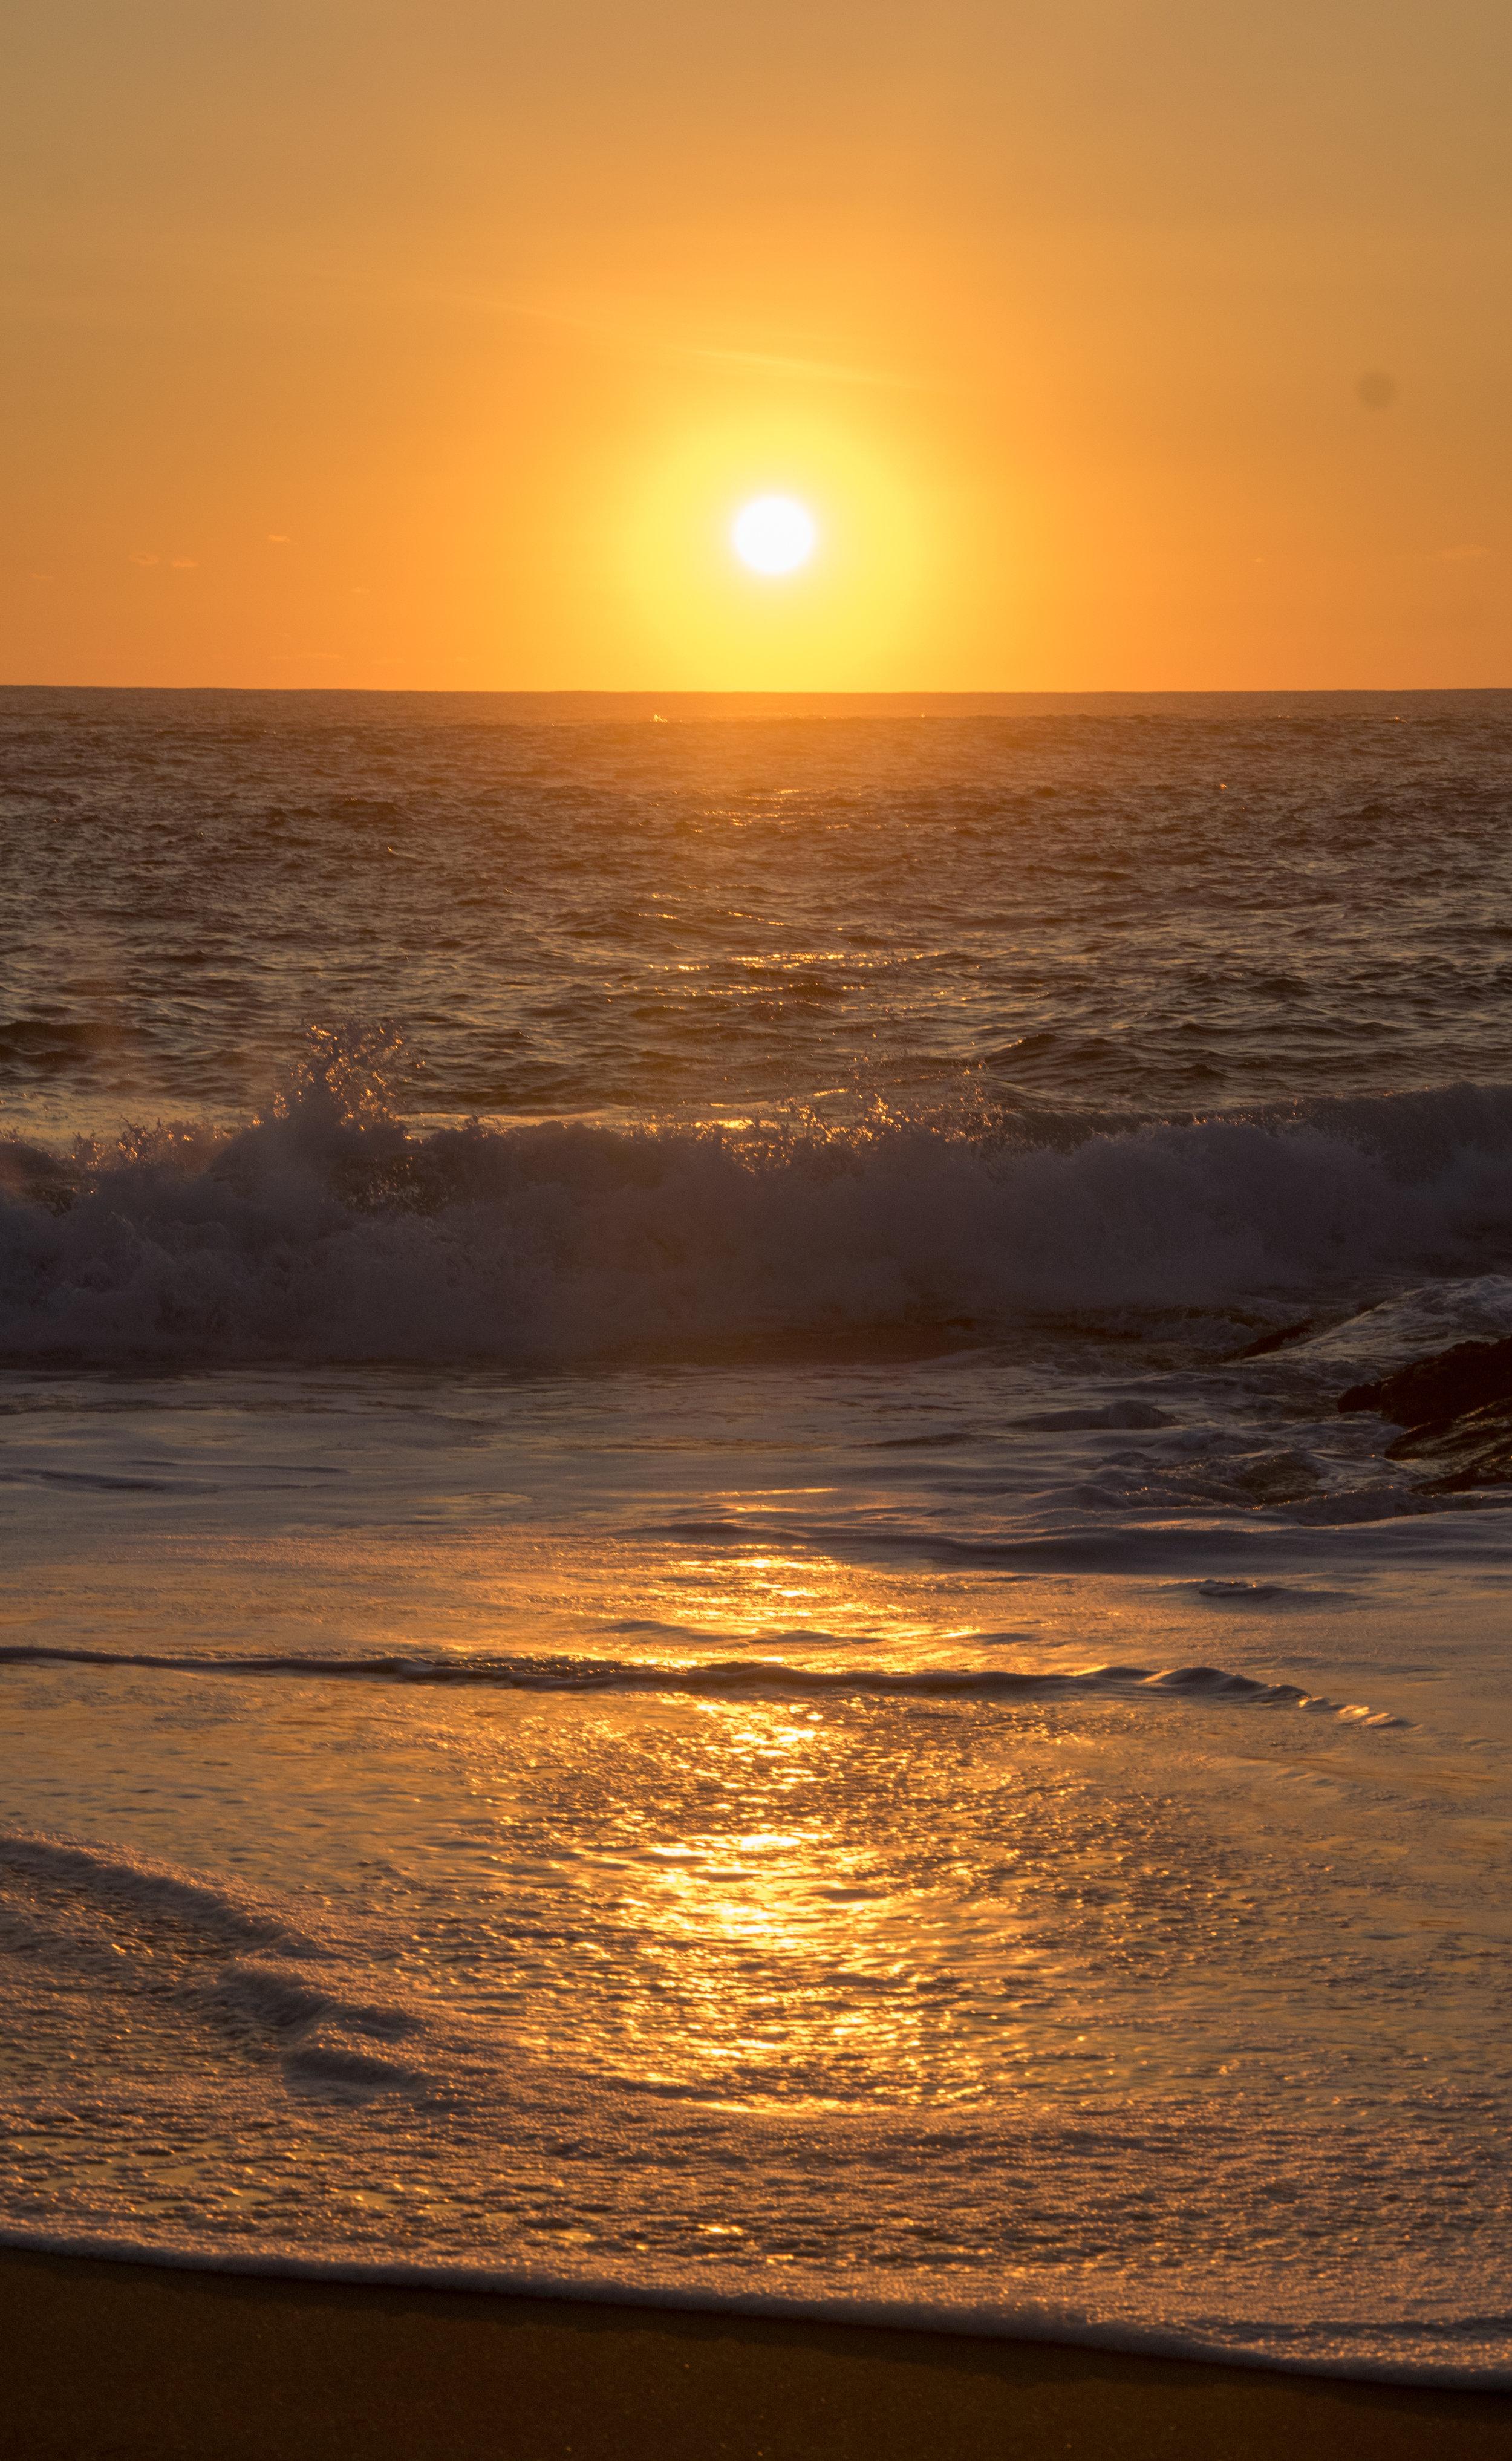 puntacometa_mazunte_oaxaca_sunset_acommonground_willcoker.jpg